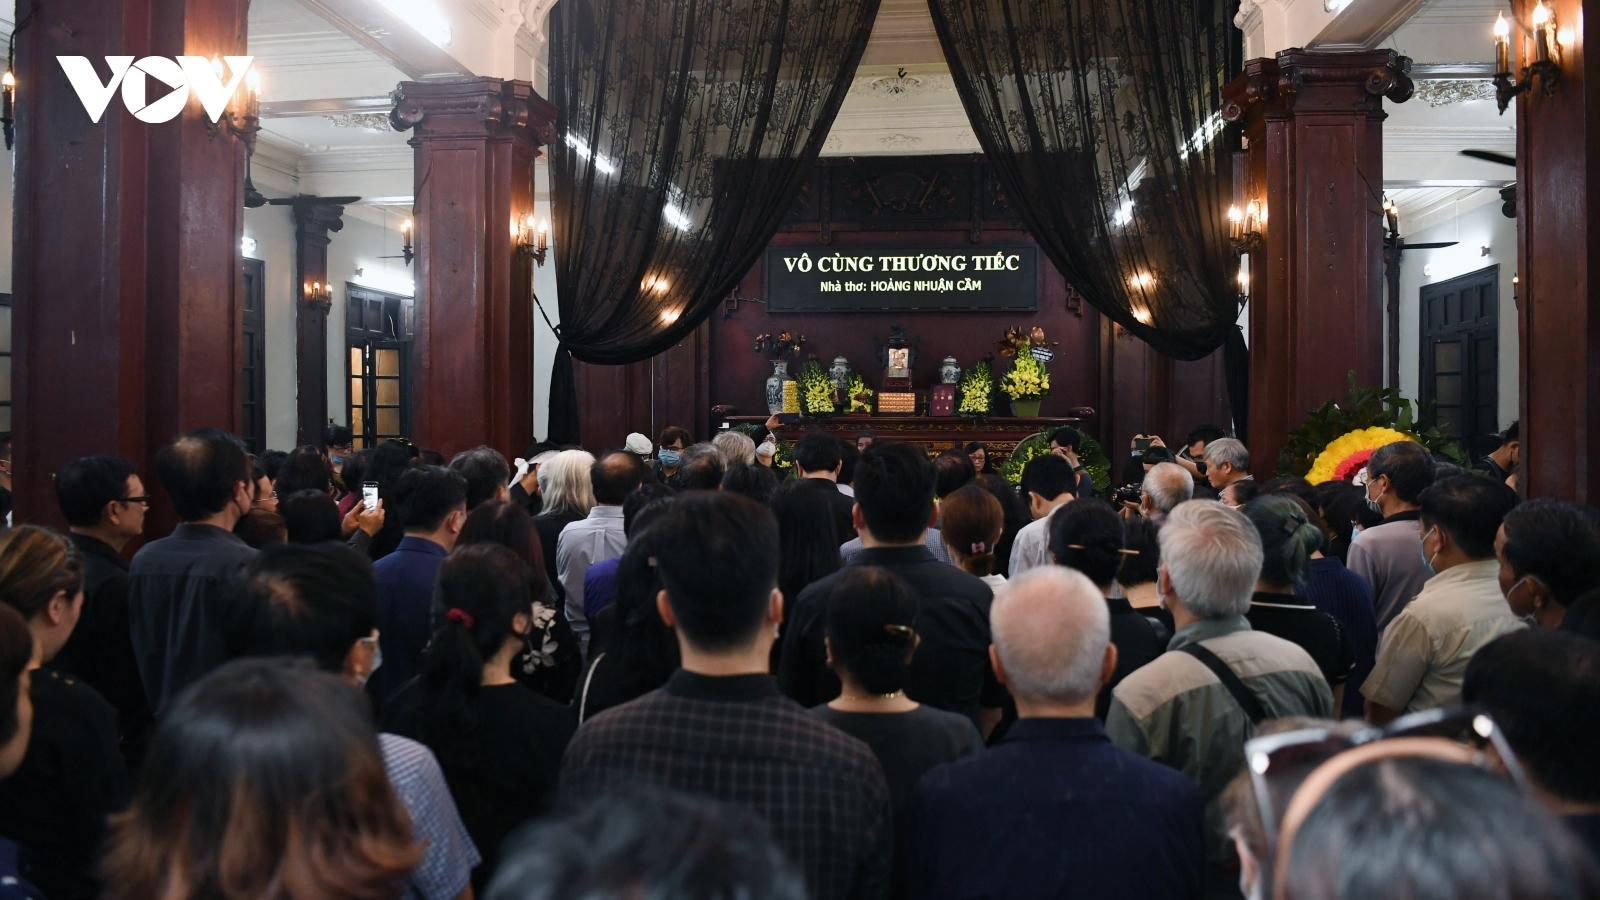 Vĩnh biệt Hoàng Nhuận Cầm - thi sĩ tài hoa, đặc sắc của một thời đại thi ca Việt